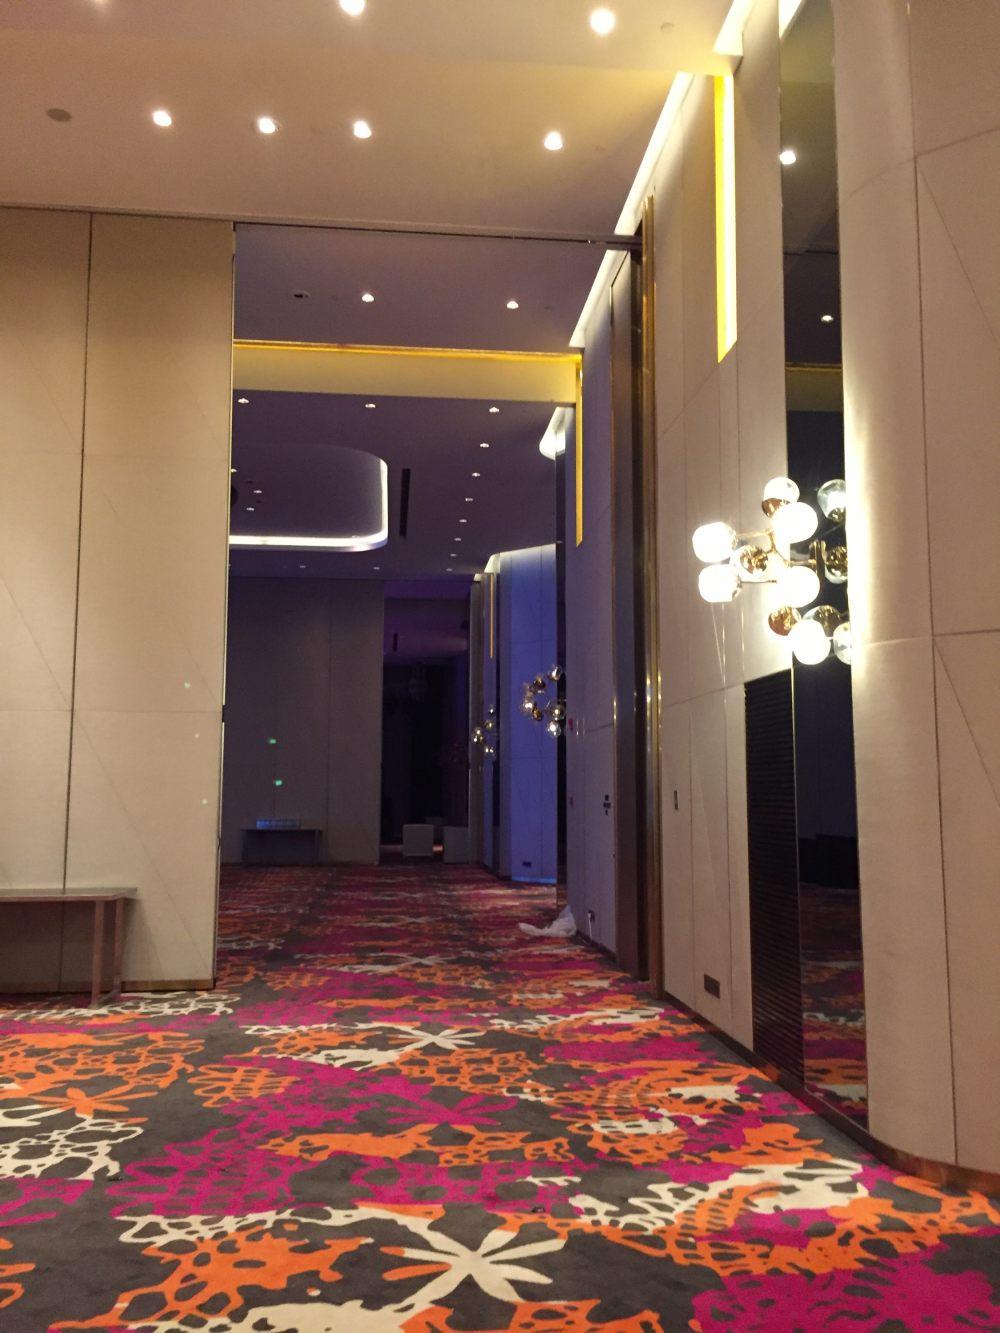 上海外滩W酒店,史上最全入住体验 自拍分享,申请置...._IMG_6117.JPG